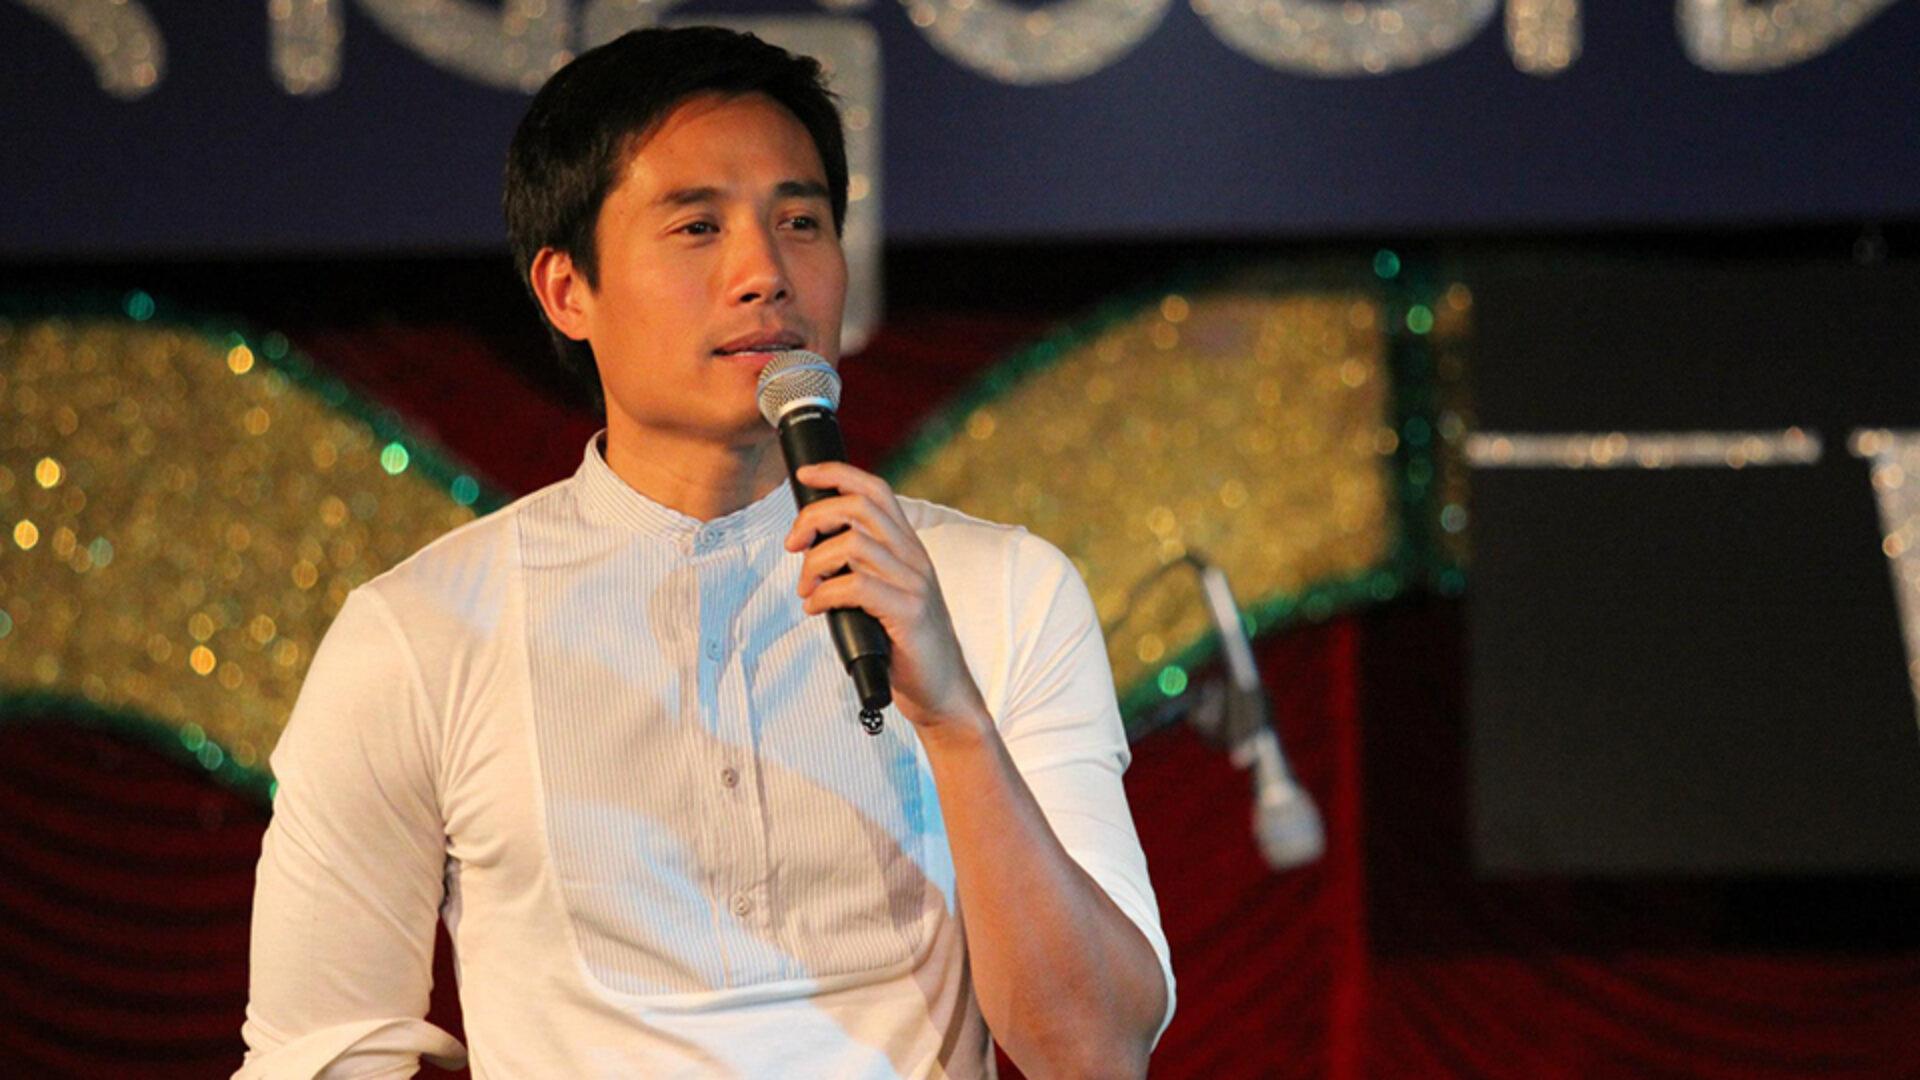 (Tiếng Việt) Thông báo: Về việc ông Trịnh Hội rời vị trí Giám đốc Điều hành VOICE